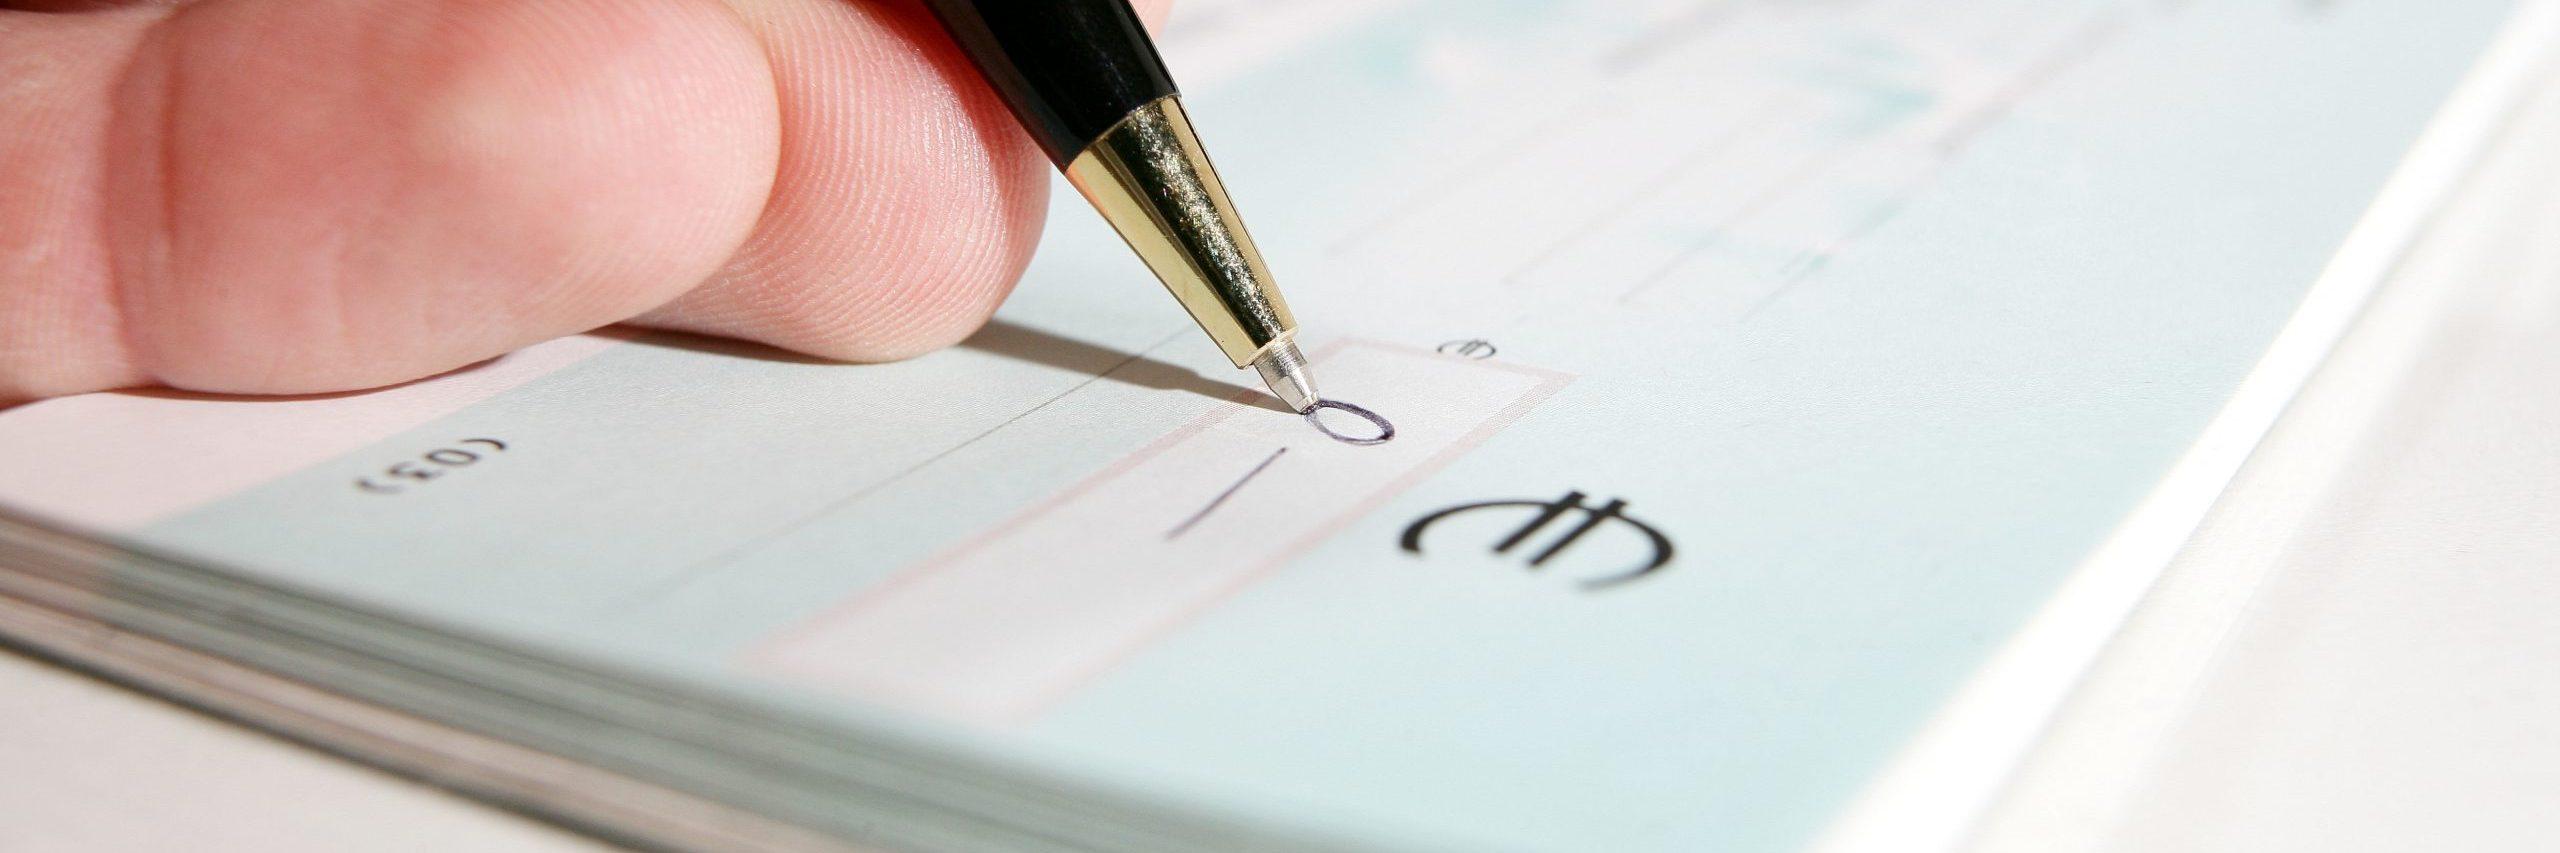 Carnet de Chèque et stylo représentant les chèques en blanc